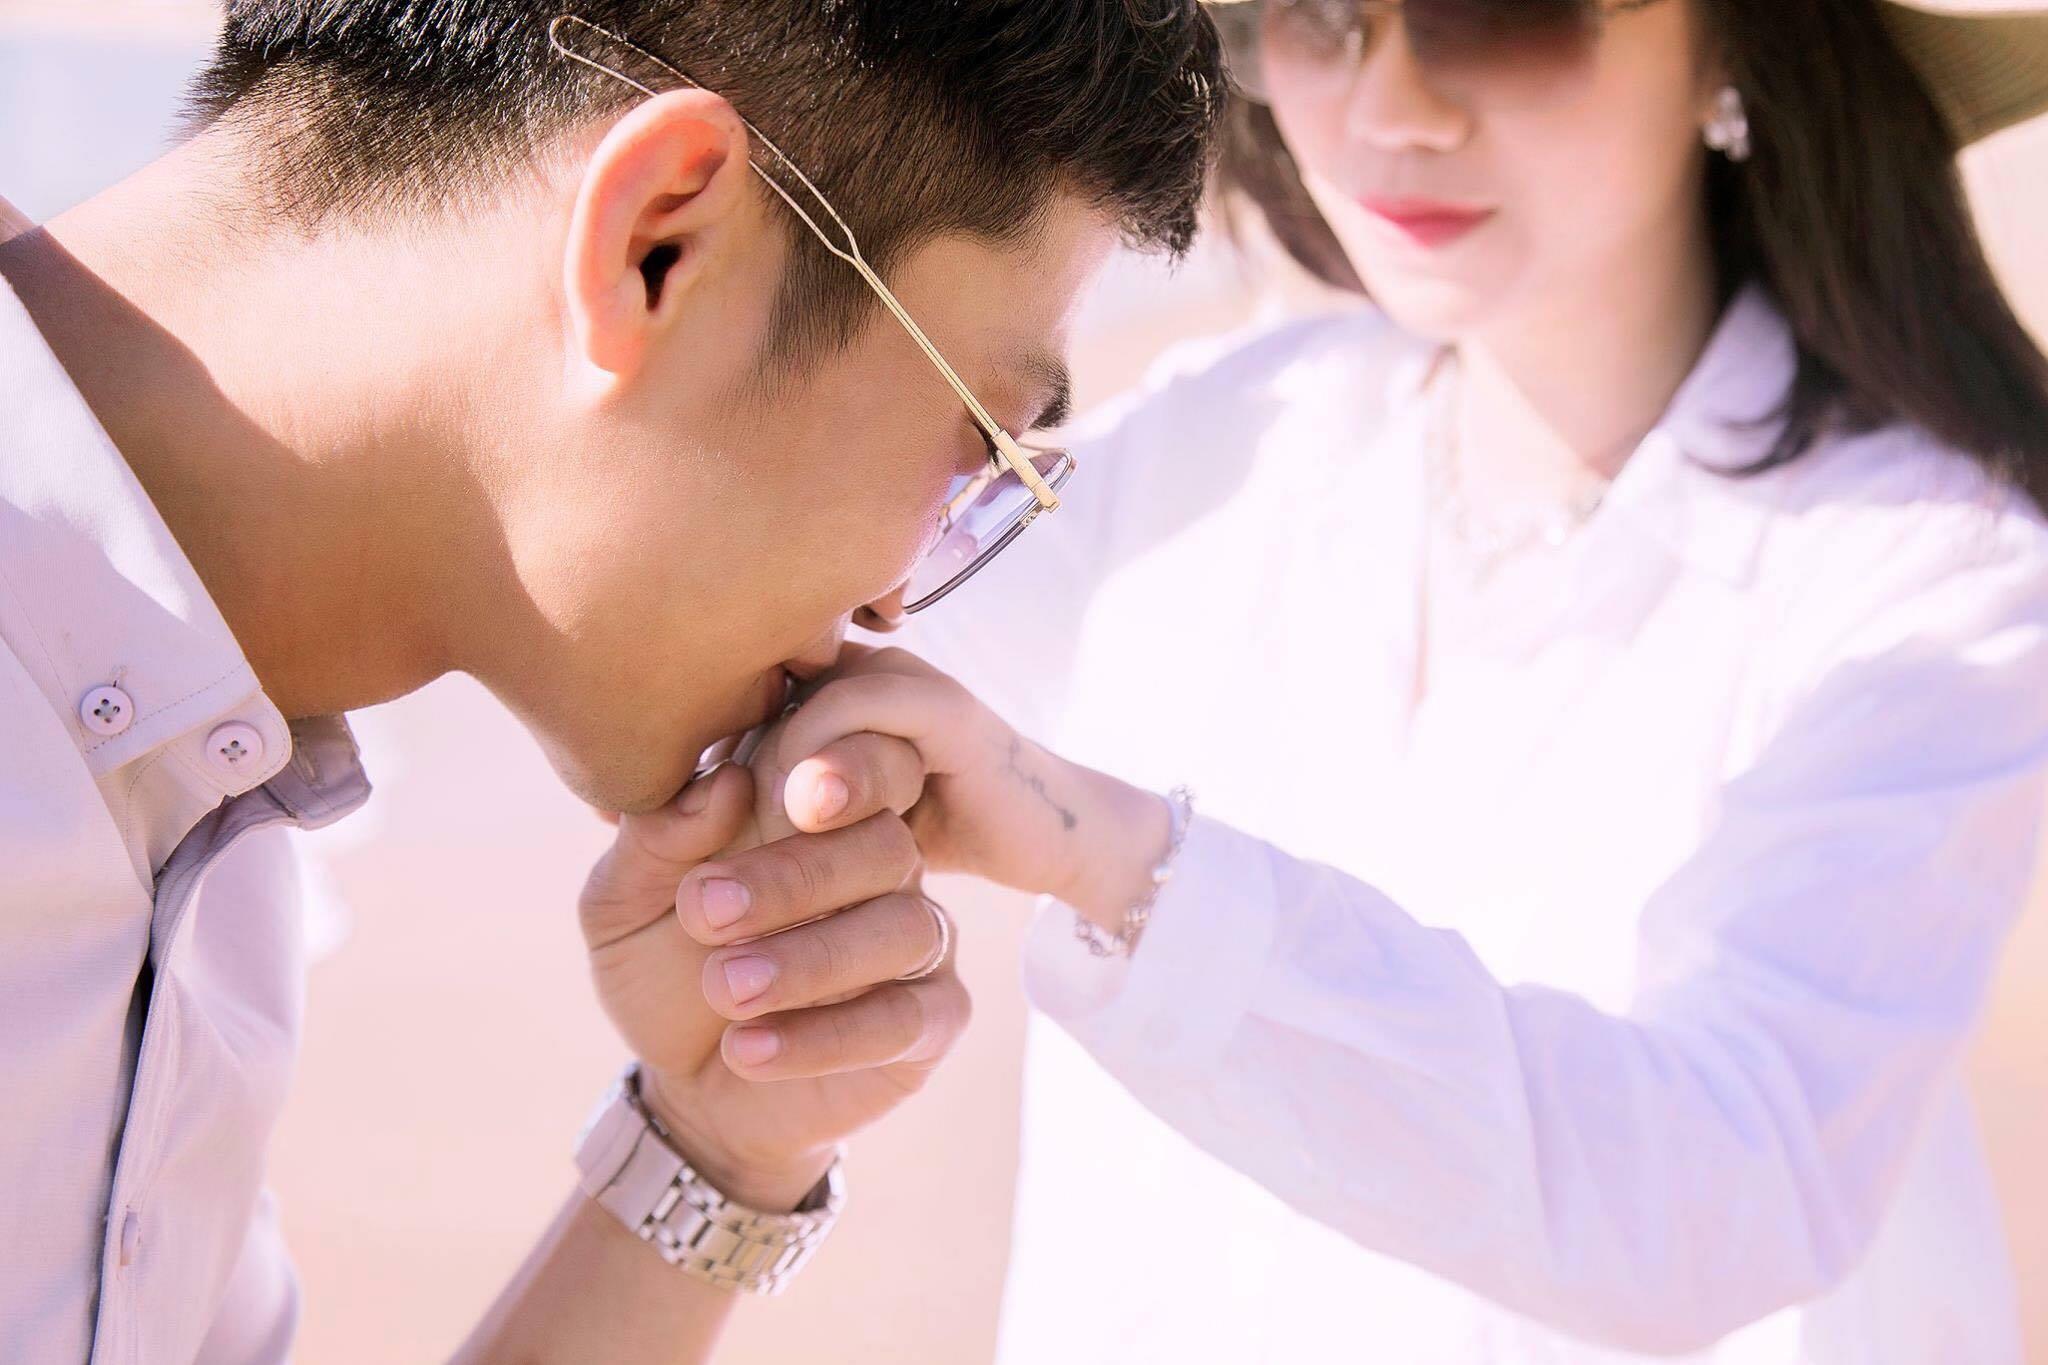 Tìm thấy tình yêu thất lạc sau 4 năm nhờ Bạn muốn hẹn hò, chàng trai nói một câu khiến cô gái đồng ý kết hôn ngay lập tức - Ảnh 1.